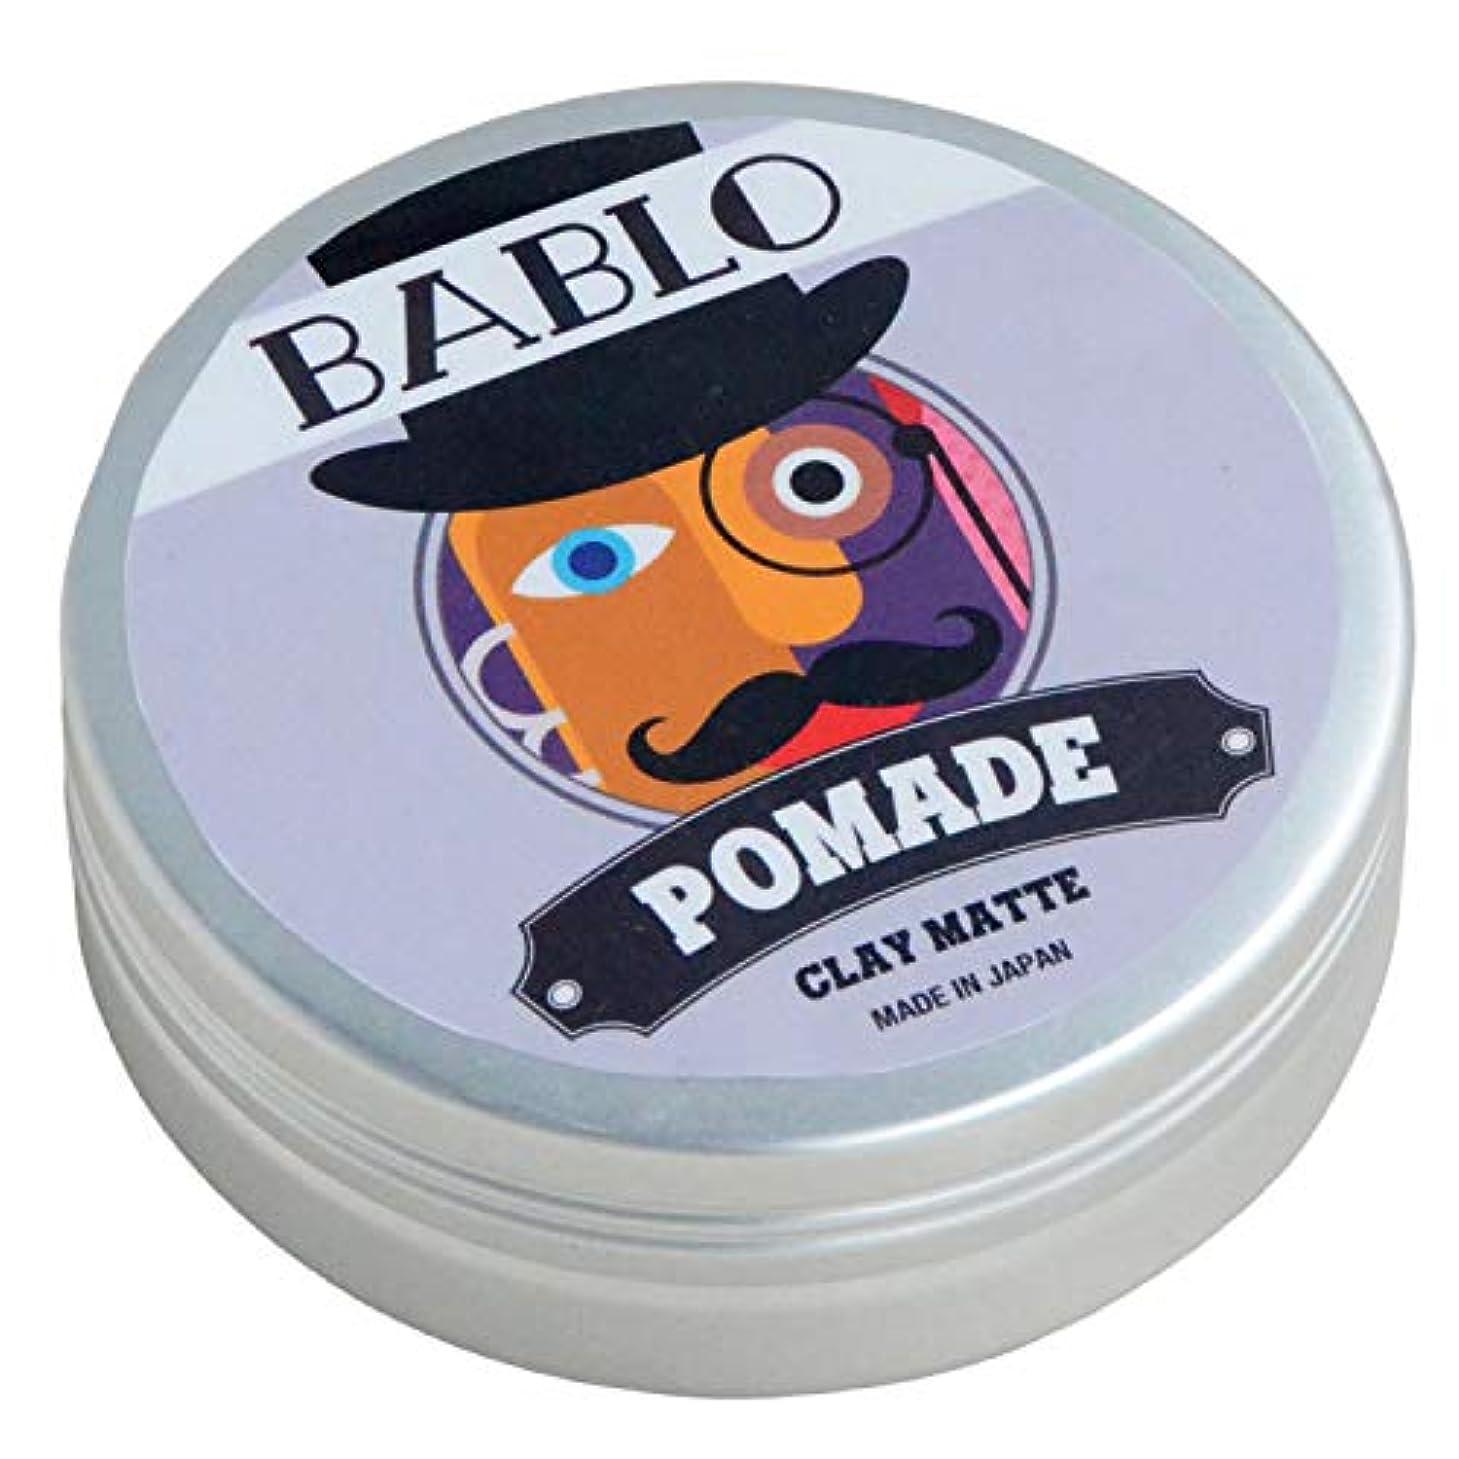 触手町クラスバブロ ポマード(BABLO POMADE) クレイマット ヘアワックス メンズ 整髪料 水性 ヘアグリース